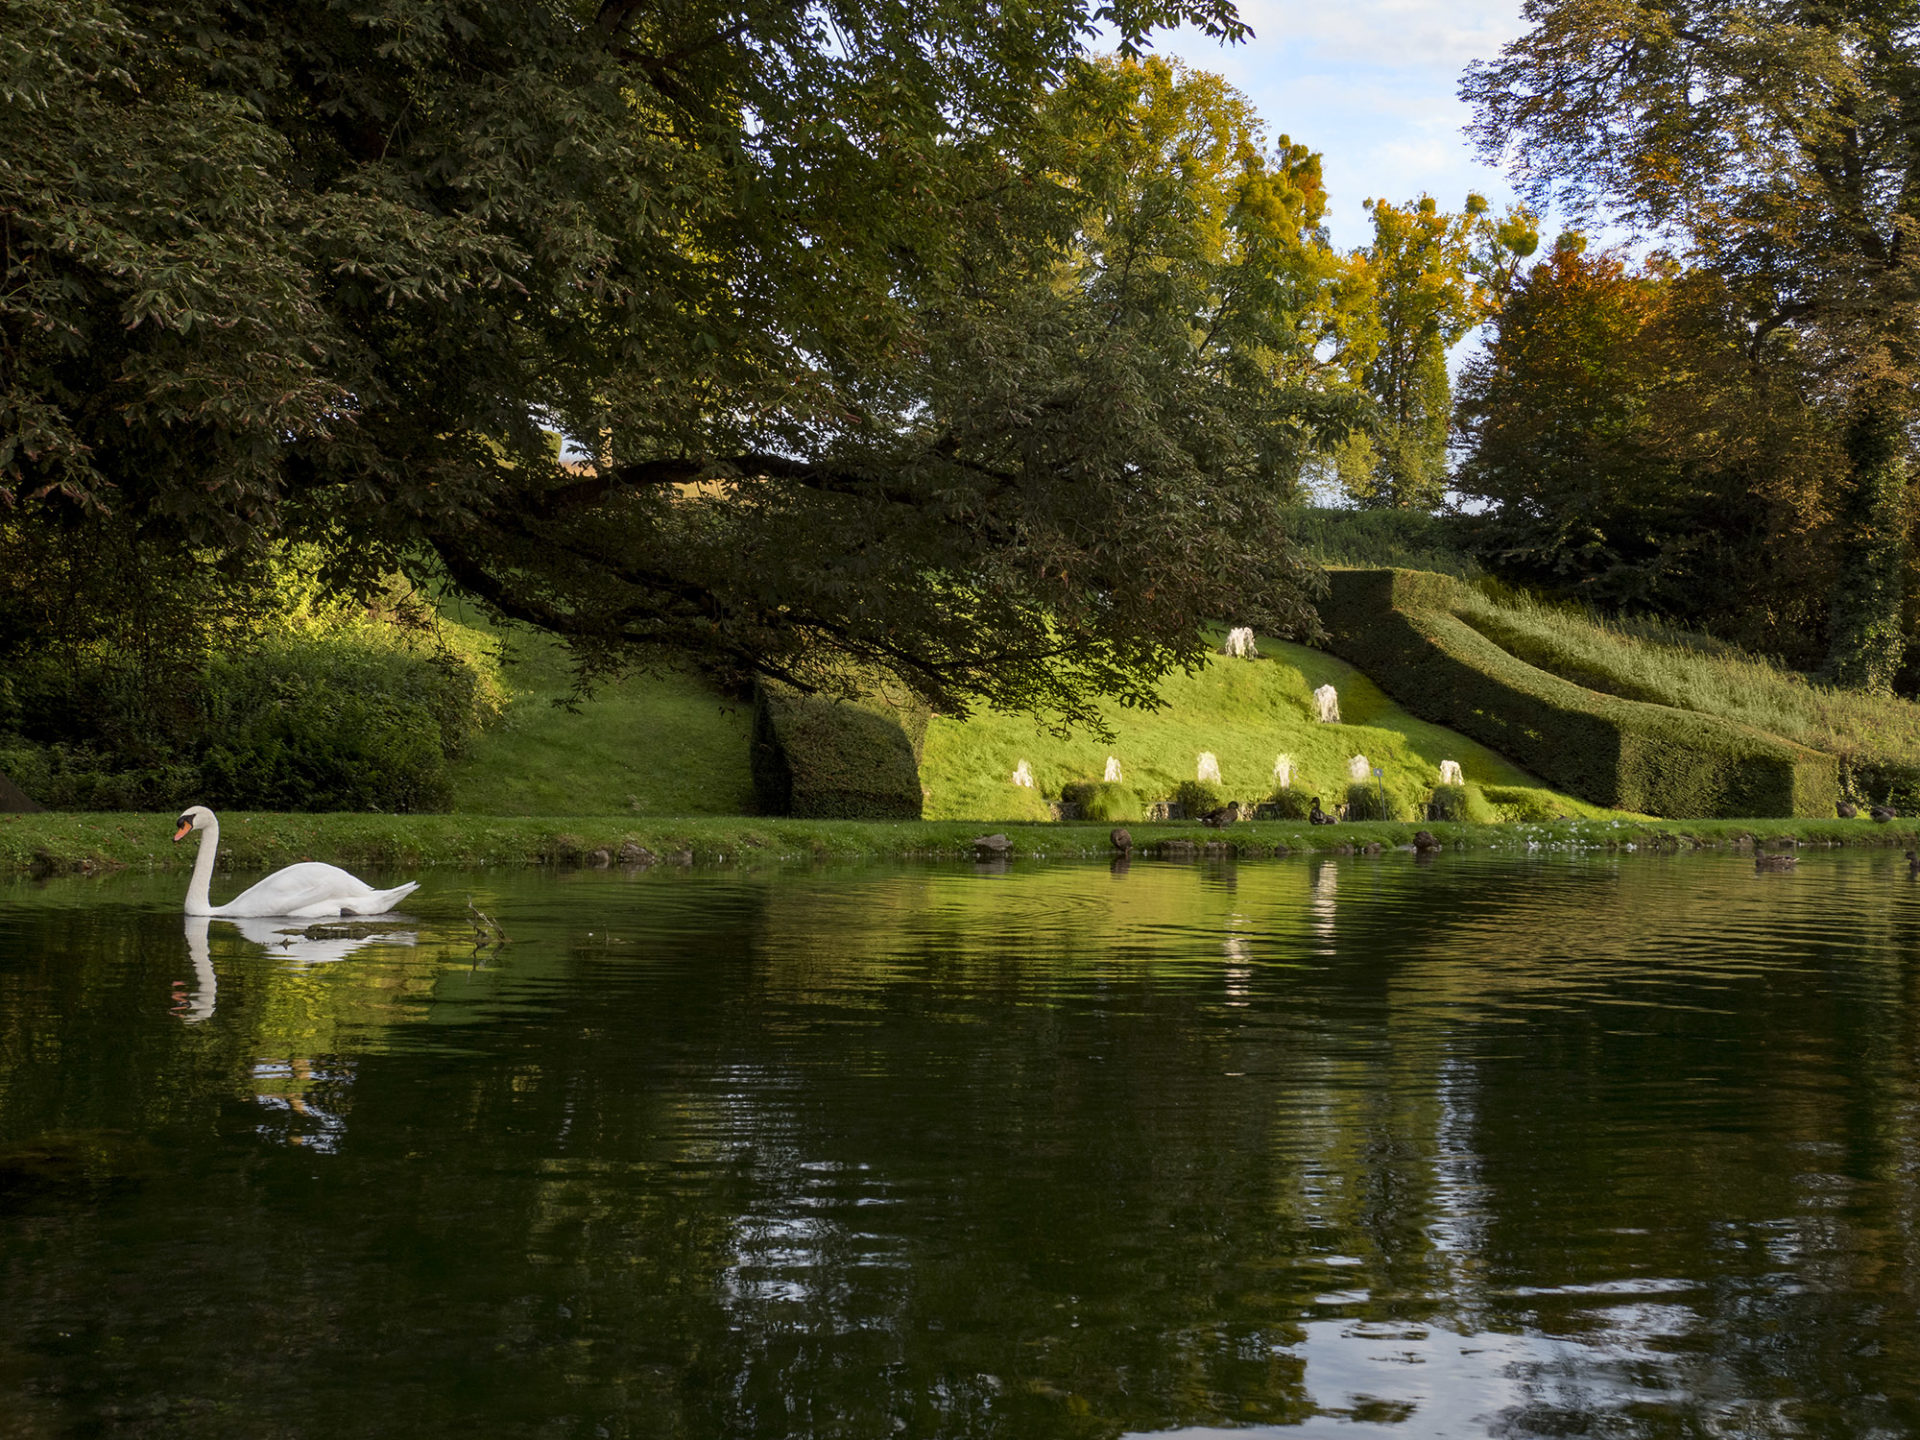 Contact Les Jardins Dannevoie